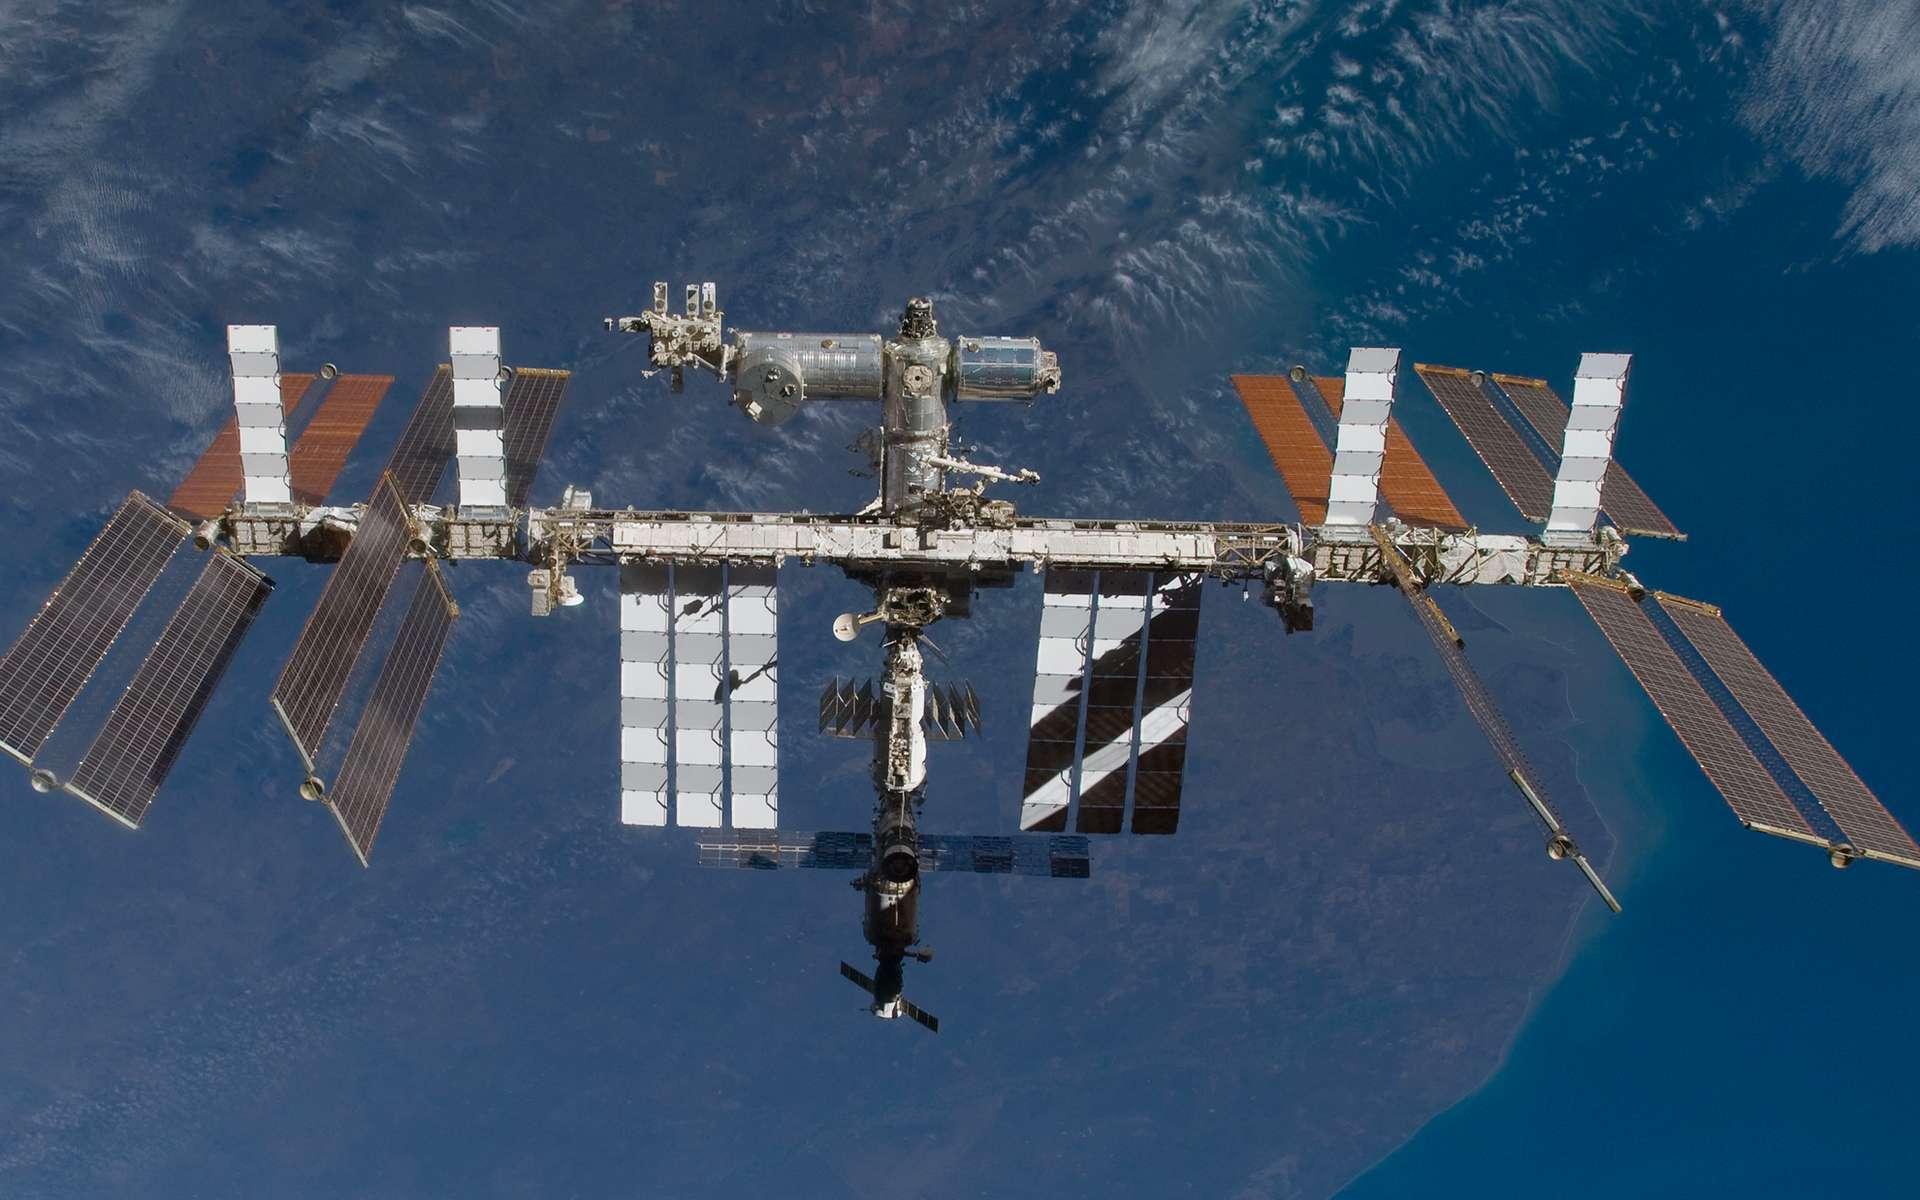 ISS : Thales Alenia Space rassure sur la solidité de ses modules qui pourront fonctionner au-delà de 2025